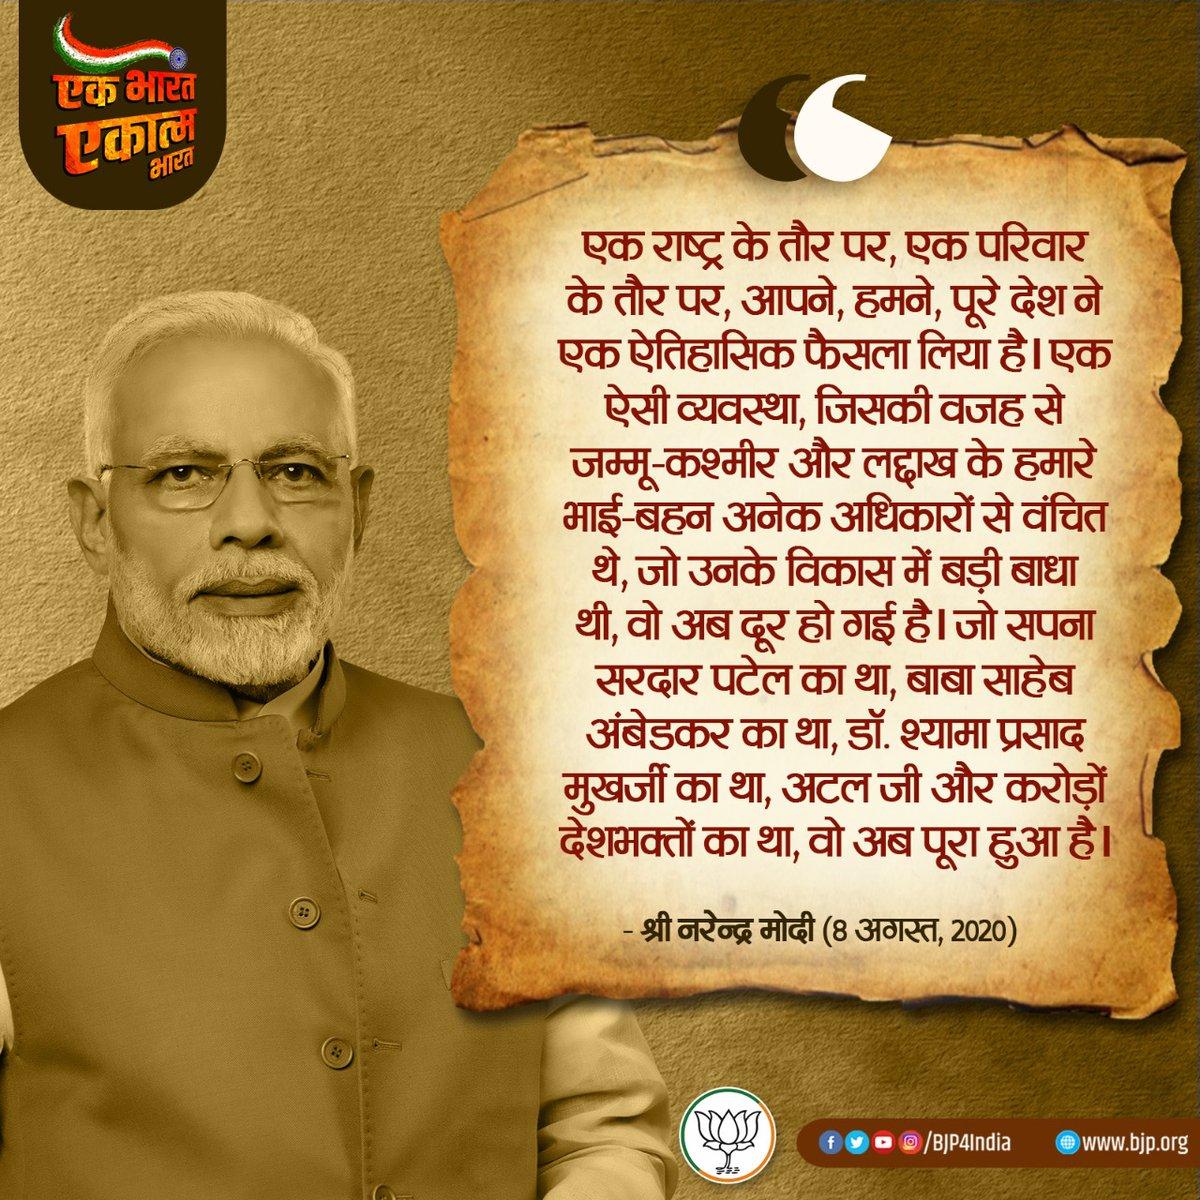 एक राष्ट्र के तौर पर, एक परिवार के तौर पर, पूरे देश ने एक ऐतिहासिक फैसला लिया है। जो सपना सरदार पटेल का था, बाबा साहेब अंबेडकर का था, डॉ. श्यामा प्रसाद मुखर्जी का था, अटल जी और करोड़ों देशभक्तों का था, वो अब पूरा हुआ है। - PM श्री @narendramodi जी #OneYearOfNoArticle370